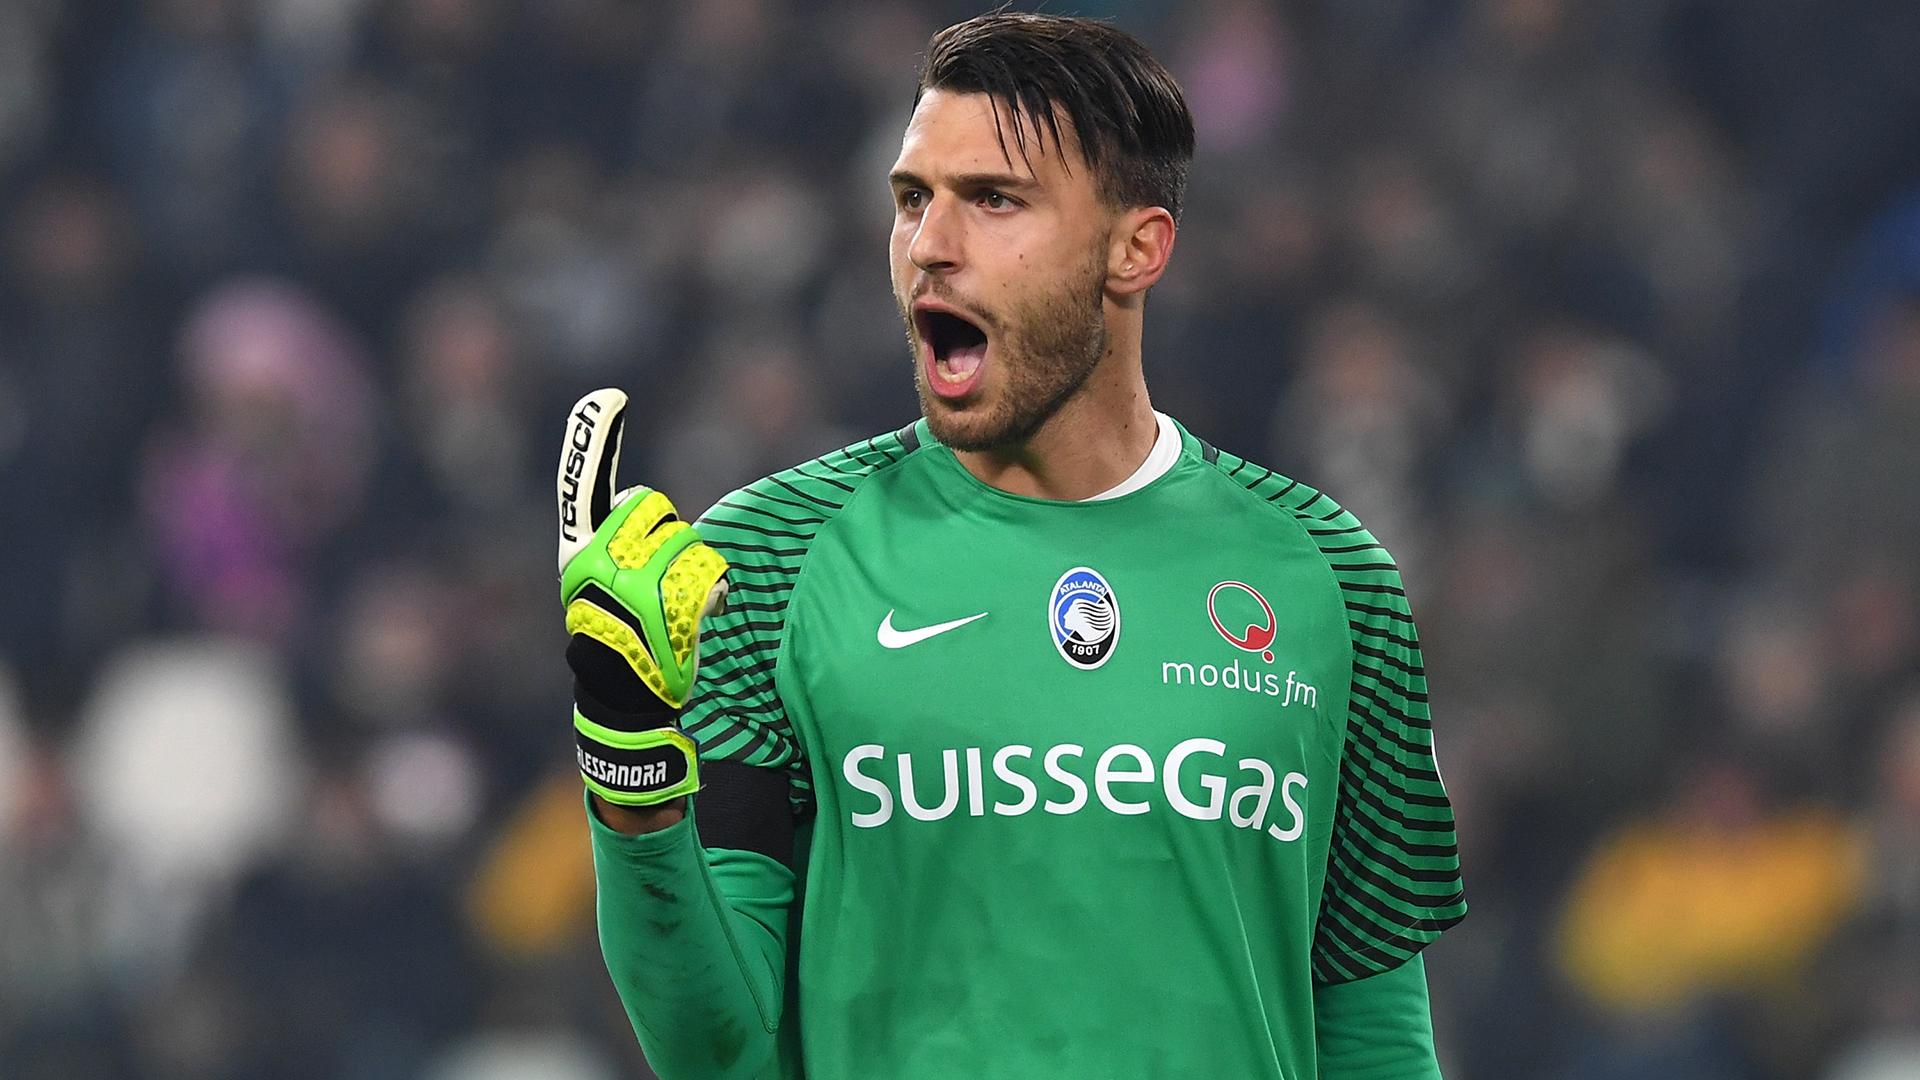 Calciomercato: Sportiello in prestito alla Fiorentina!